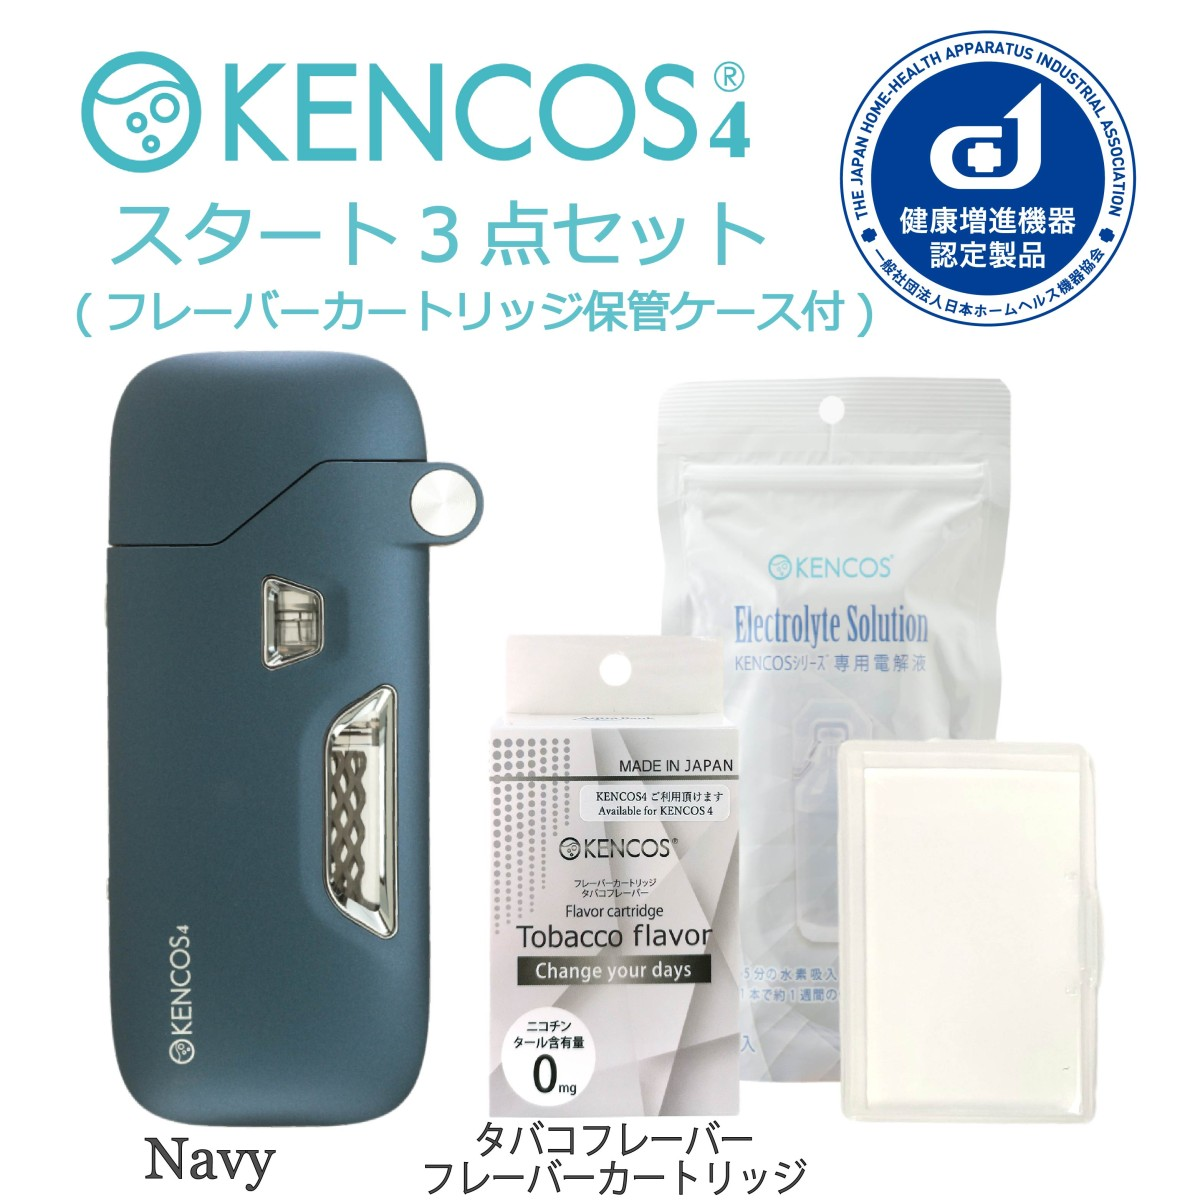 【ポイント10倍】【送料無料】KENCOS4(ケンコス4) ポータブル水素ガス吸引具 スタート3点セット(タバコフレーバー) 水素吸引器 水素吸入器 水素発生器【当店はアクアバンク正規代理店です】